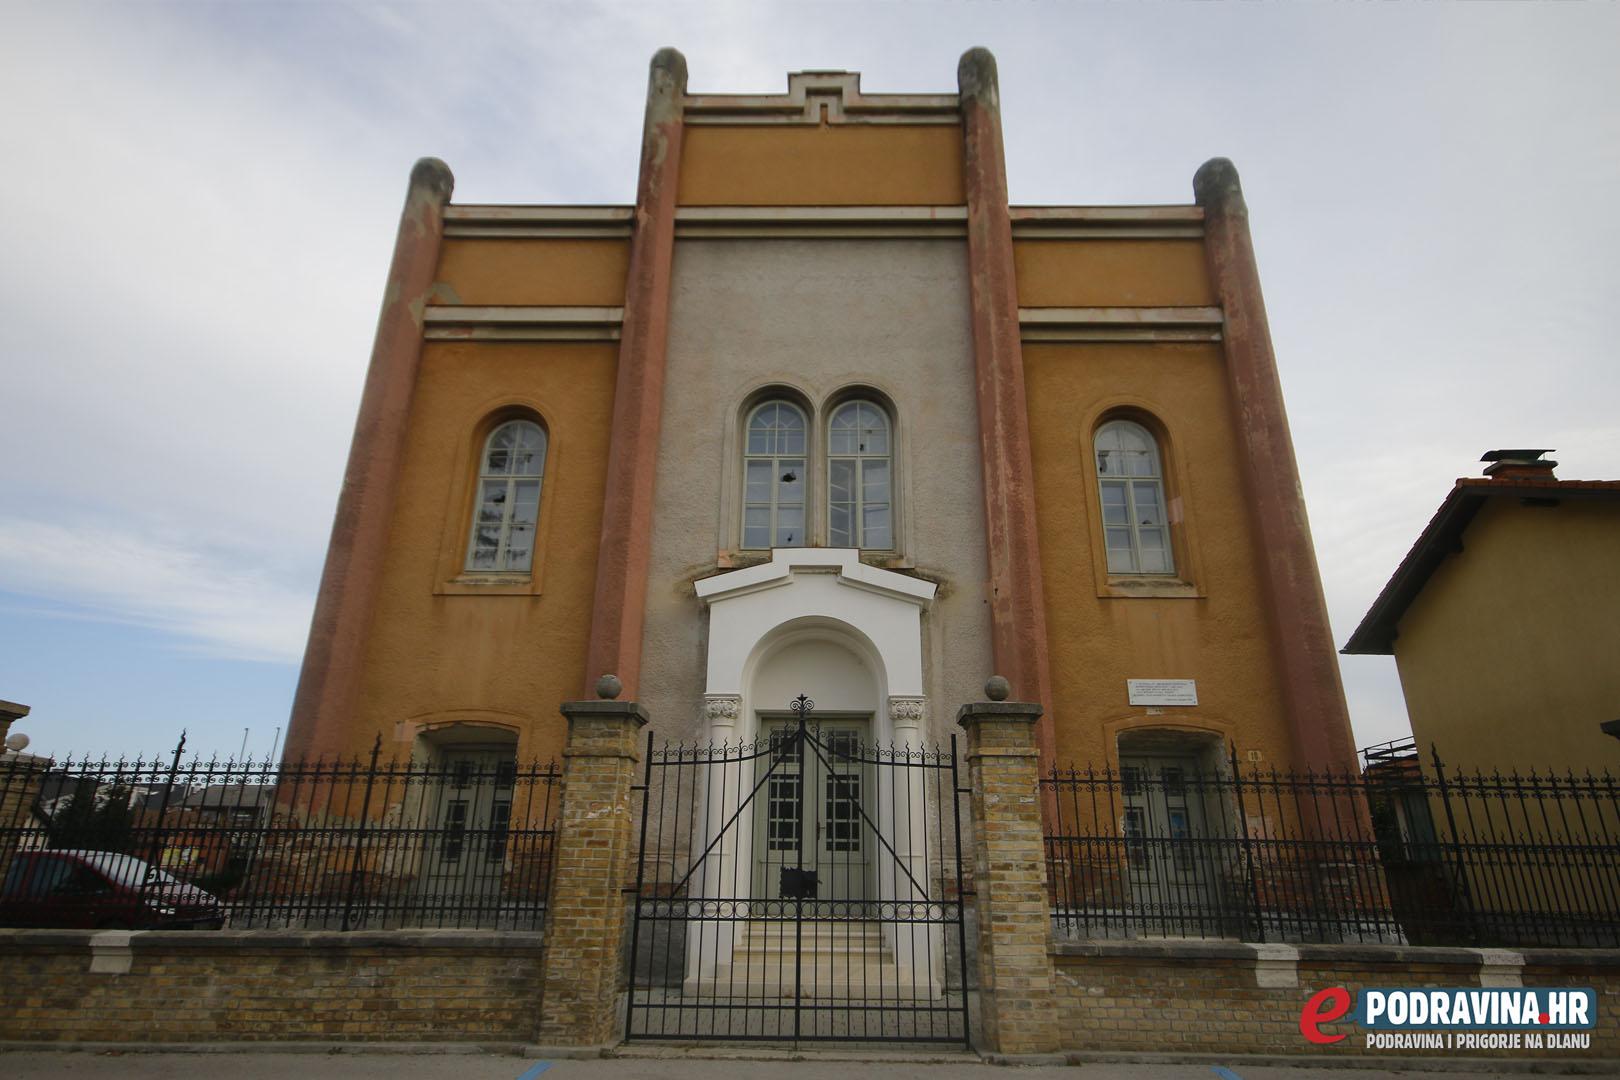 Židovi su uvelike pridonijeli razvoju Koprivnice